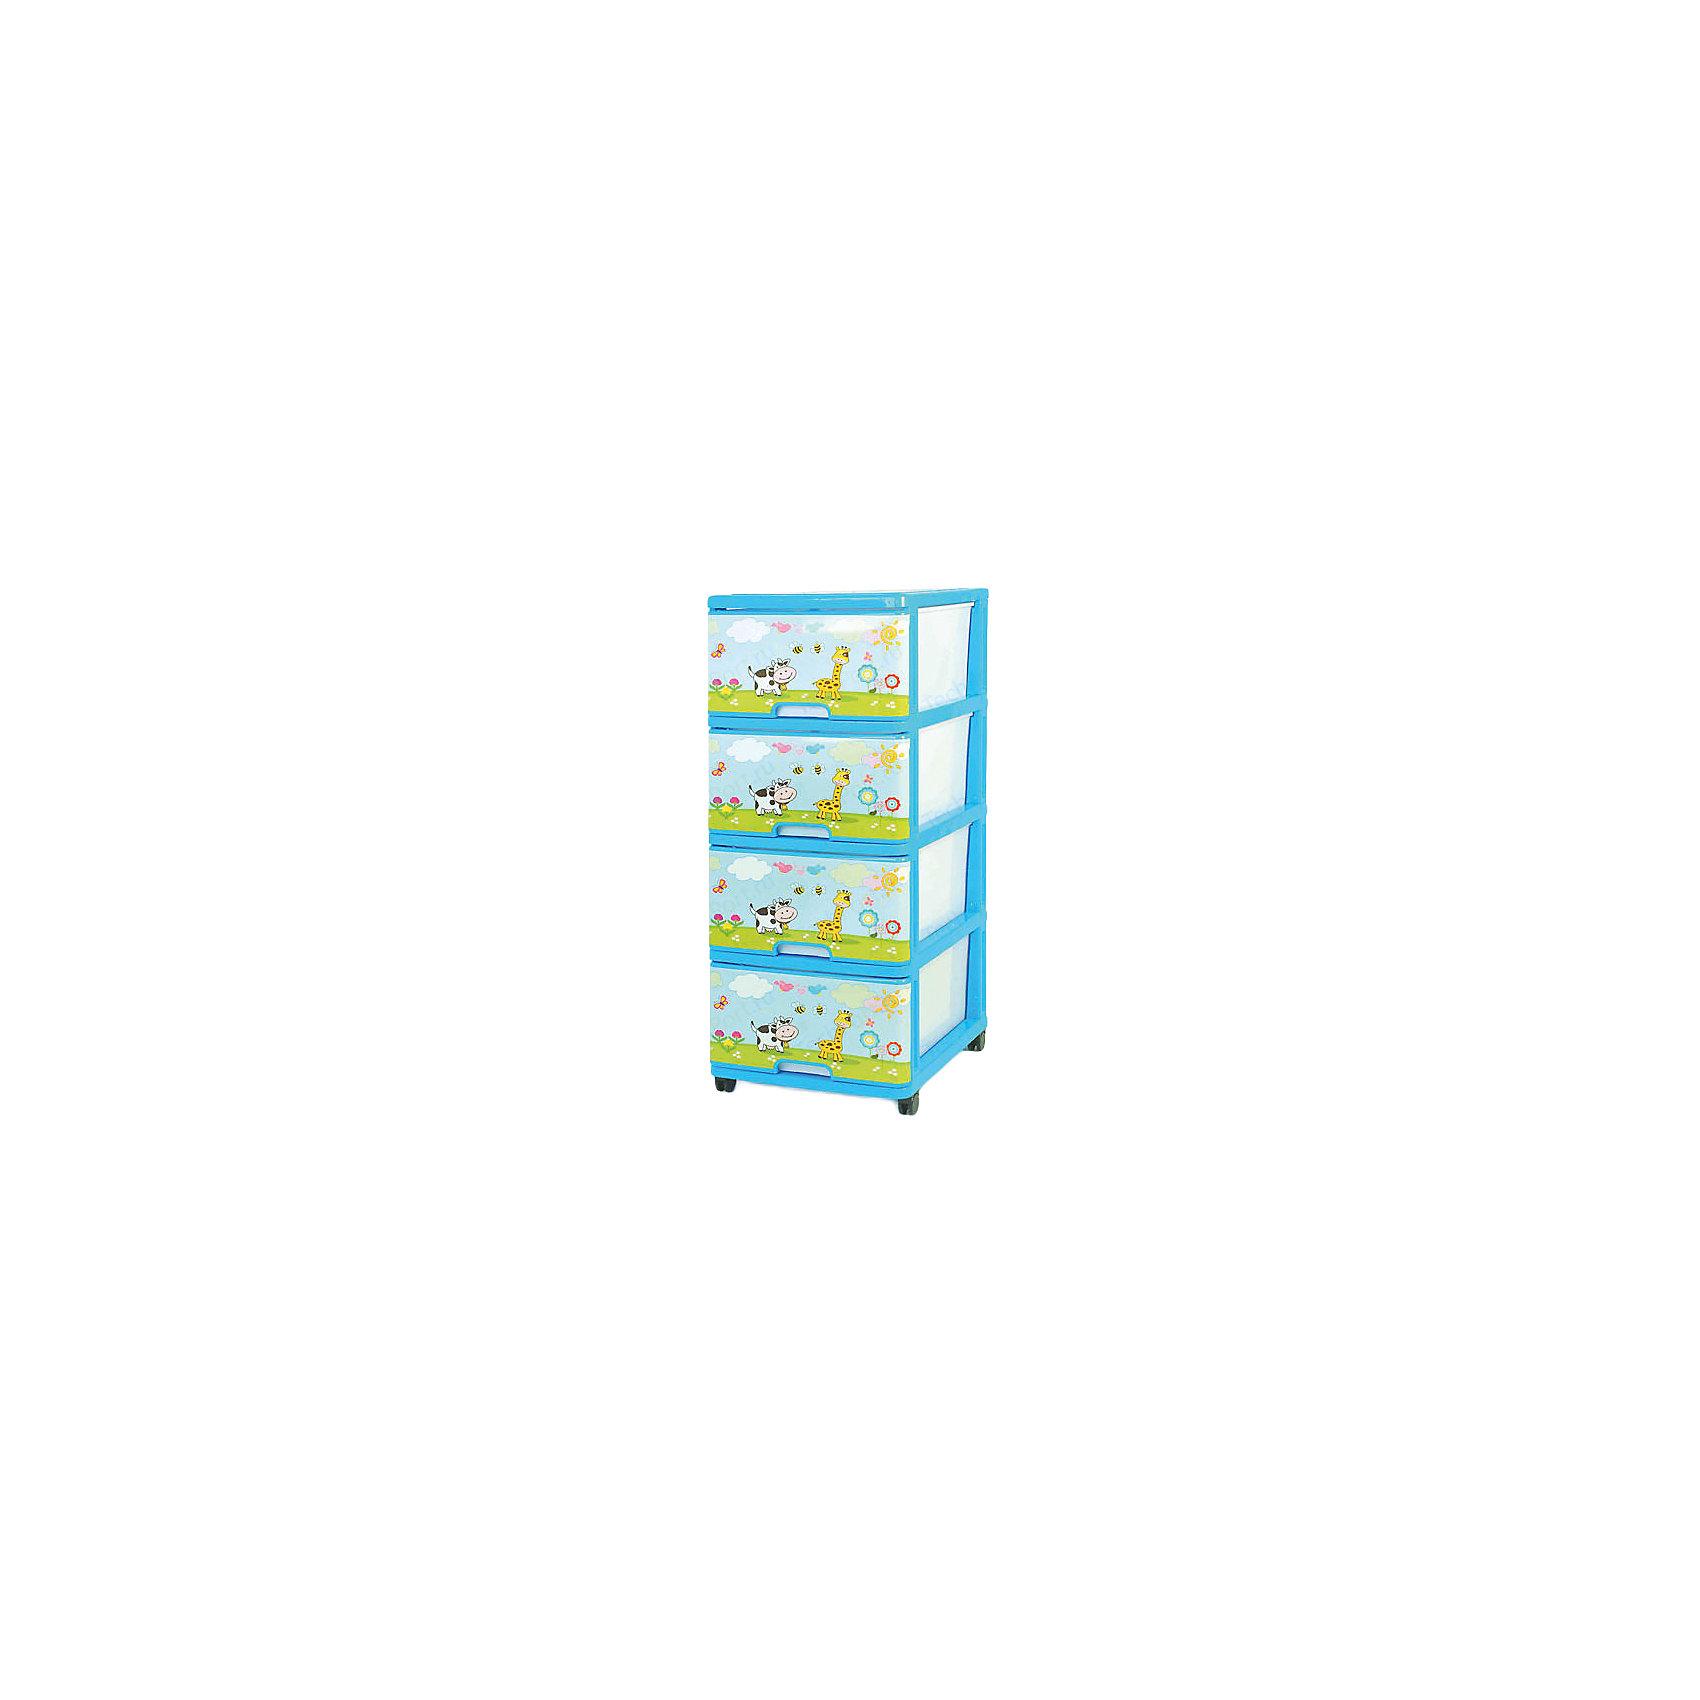 Комод На лужайке, голубойМебель<br>Если вы решили собрать все детские вещи в одном месте, вам поможет в этом специальный детский комод, а орнамент На лужайке послужит прекрасным декором. <br>Комод очень удобен, прост, вместителен и безопасен  в эксплуатации.<br><br>Дополнительная информация:<br><br>- 4 глубоких и вместительных ящика;<br>- съемные колесики;<br>- безопасен для малыша, т.к. не имеет острых углов и не переворачивается;<br>- ящики вытащить полностью не возможно, а значит ребёнок их на себя не вытащит;<br>- изготовлен из экологически чистого материала;<br>- легко моется и чиститься;<br>- пластик очень прочный;<br>- подходит для детской и ванной комнат, коридора;<br>- доставляется в разобранном виде в компактной упаковке<br>Размеры:<br>Ширина-40 см.<br>Глубина-50 см.<br>Высота-100 см.<br>Вес: 6.25 кг;<br>Цвет: голубой.<br>Материал: пластмасса.<br><br>Комод с рисунком На лужайке в голубом цвете, можно купить в нашем магазине.<br><br>Ширина мм: 980<br>Глубина мм: 480<br>Высота мм: 380<br>Вес г: 6250<br>Возраст от месяцев: 24<br>Возраст до месяцев: 2147483647<br>Пол: Унисекс<br>Возраст: Детский<br>SKU: 4718394